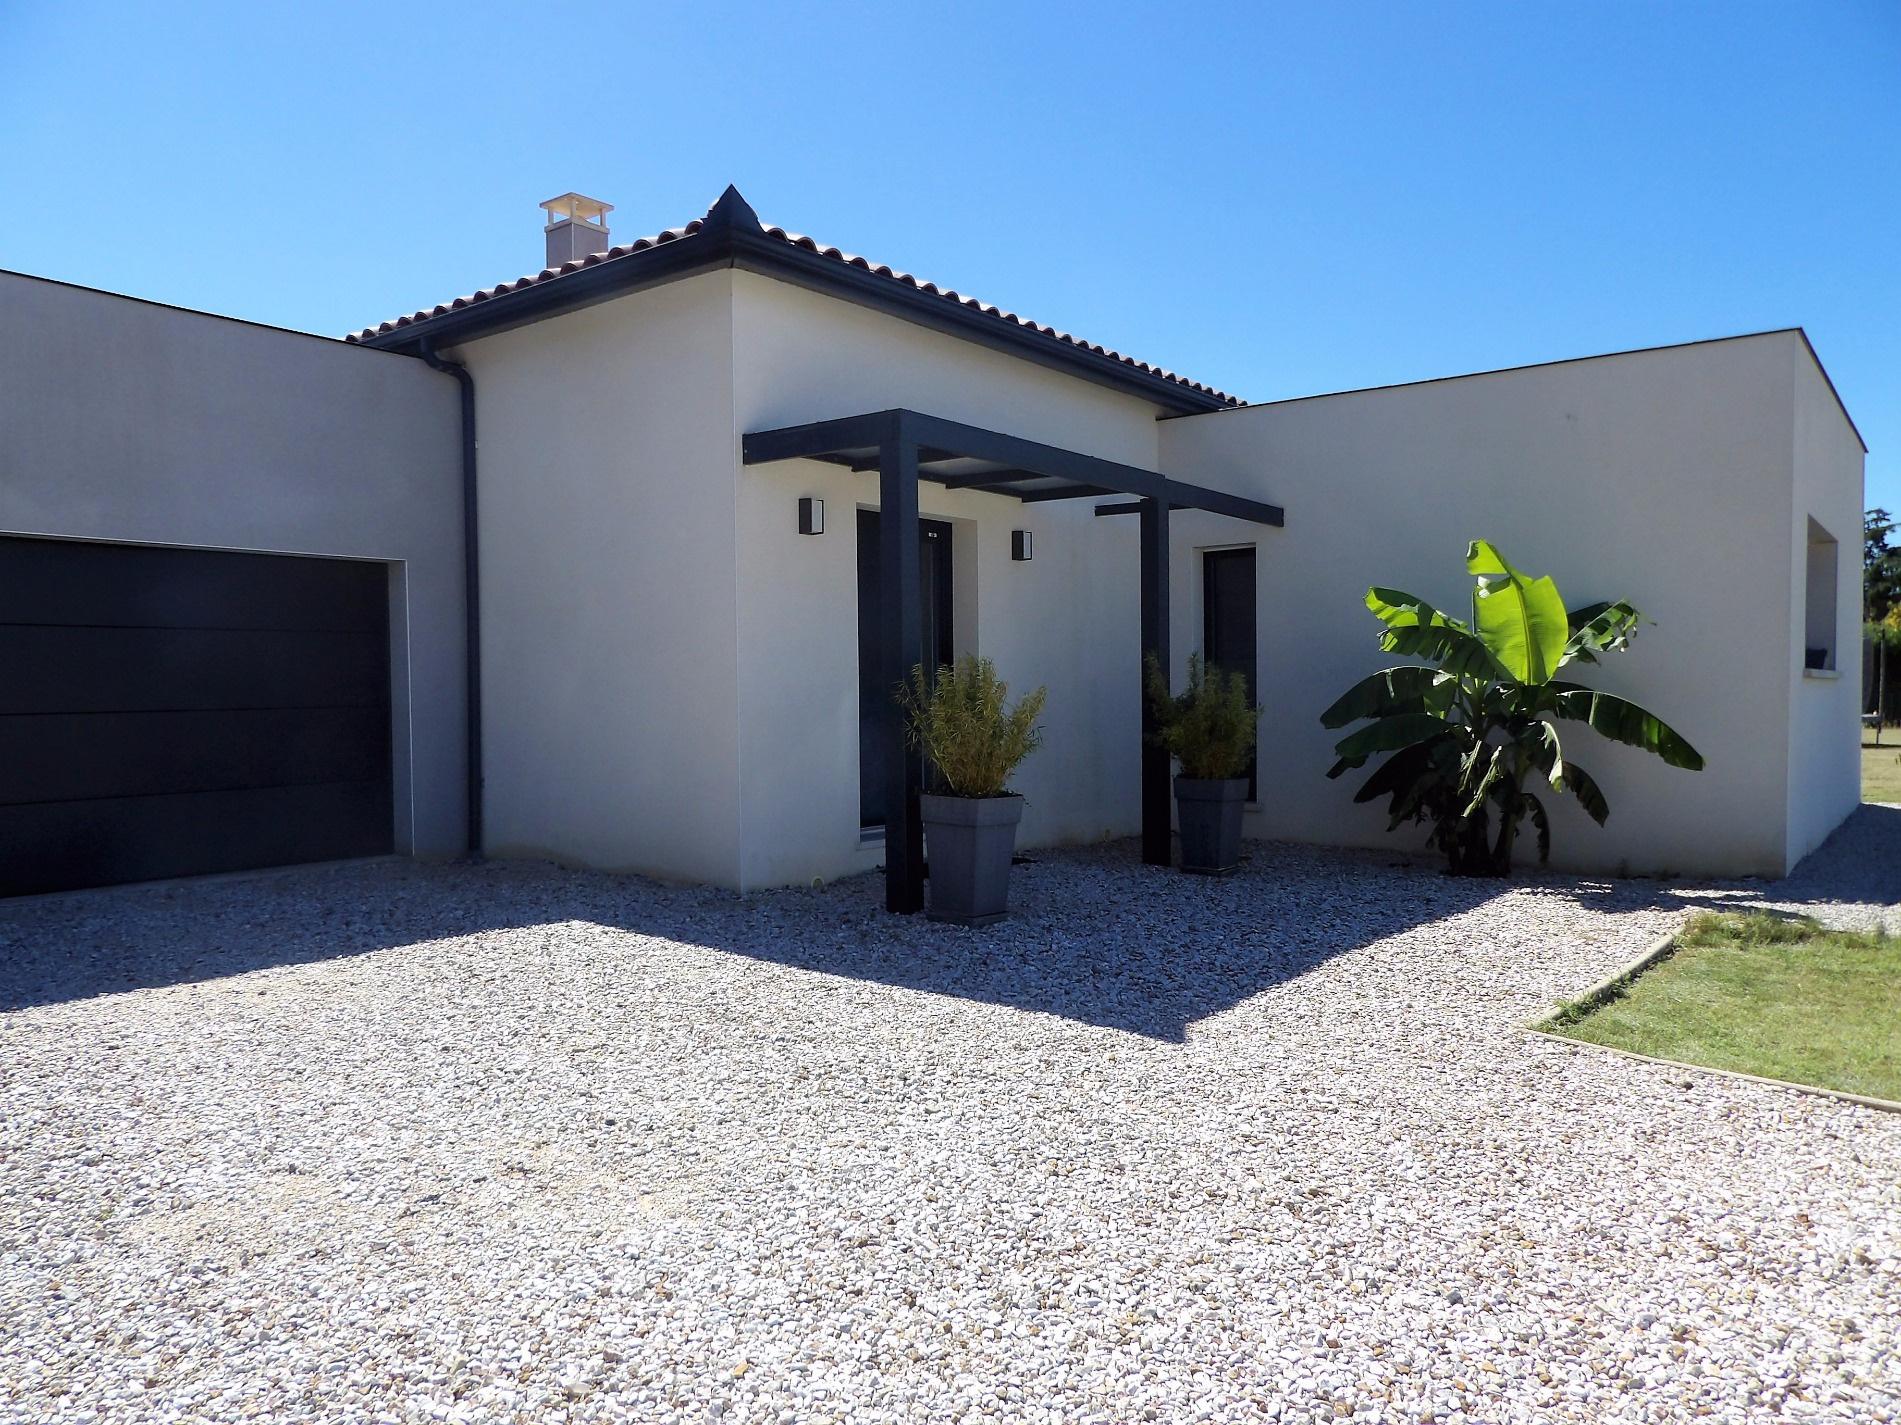 Kb immo 31 l 39 immobilier castanet tolosan vente et for Location garage castanet tolosan